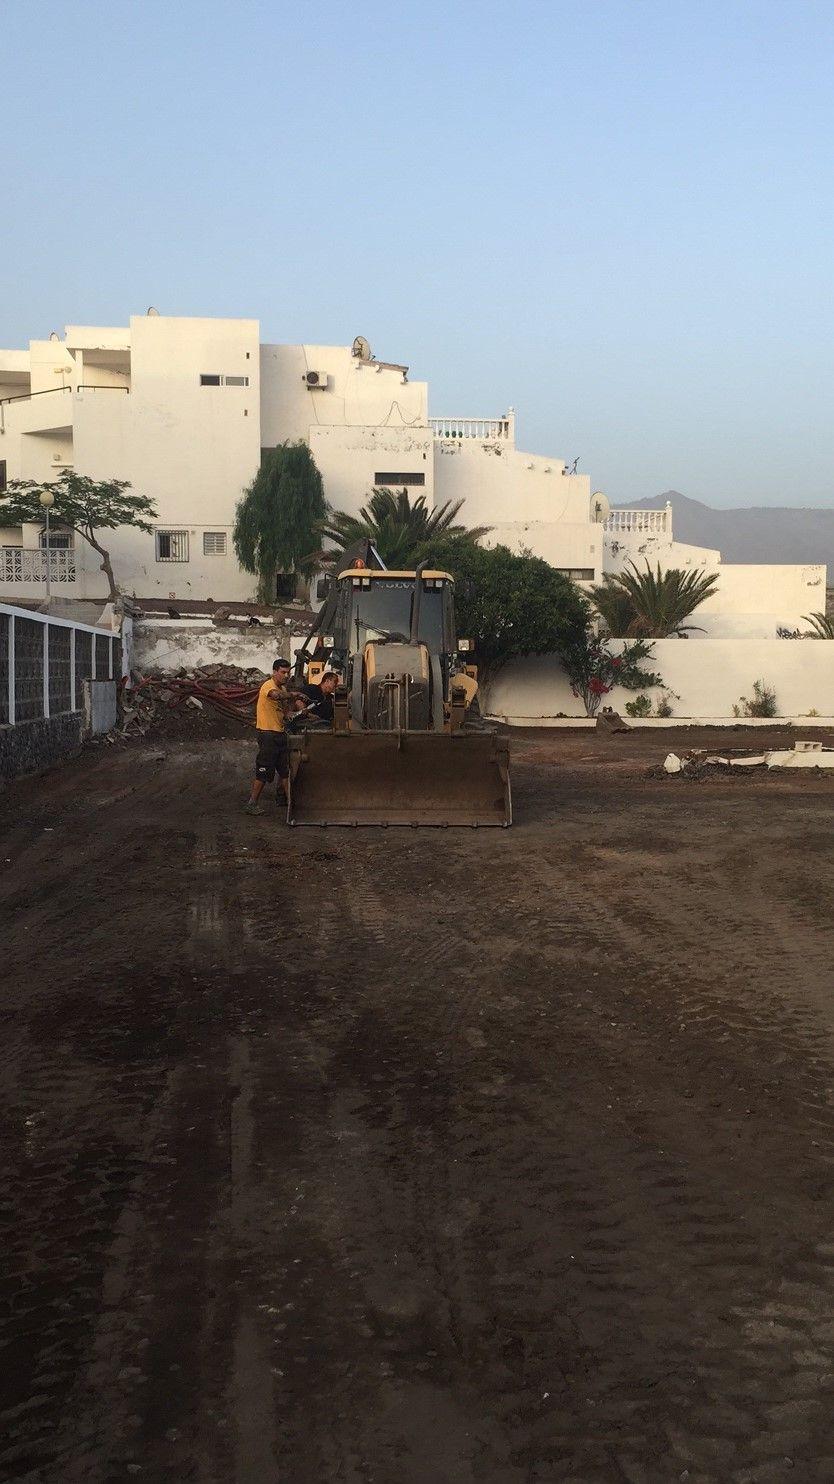 Acondicionamiento de parking en Callao Salvaje (Adeje)